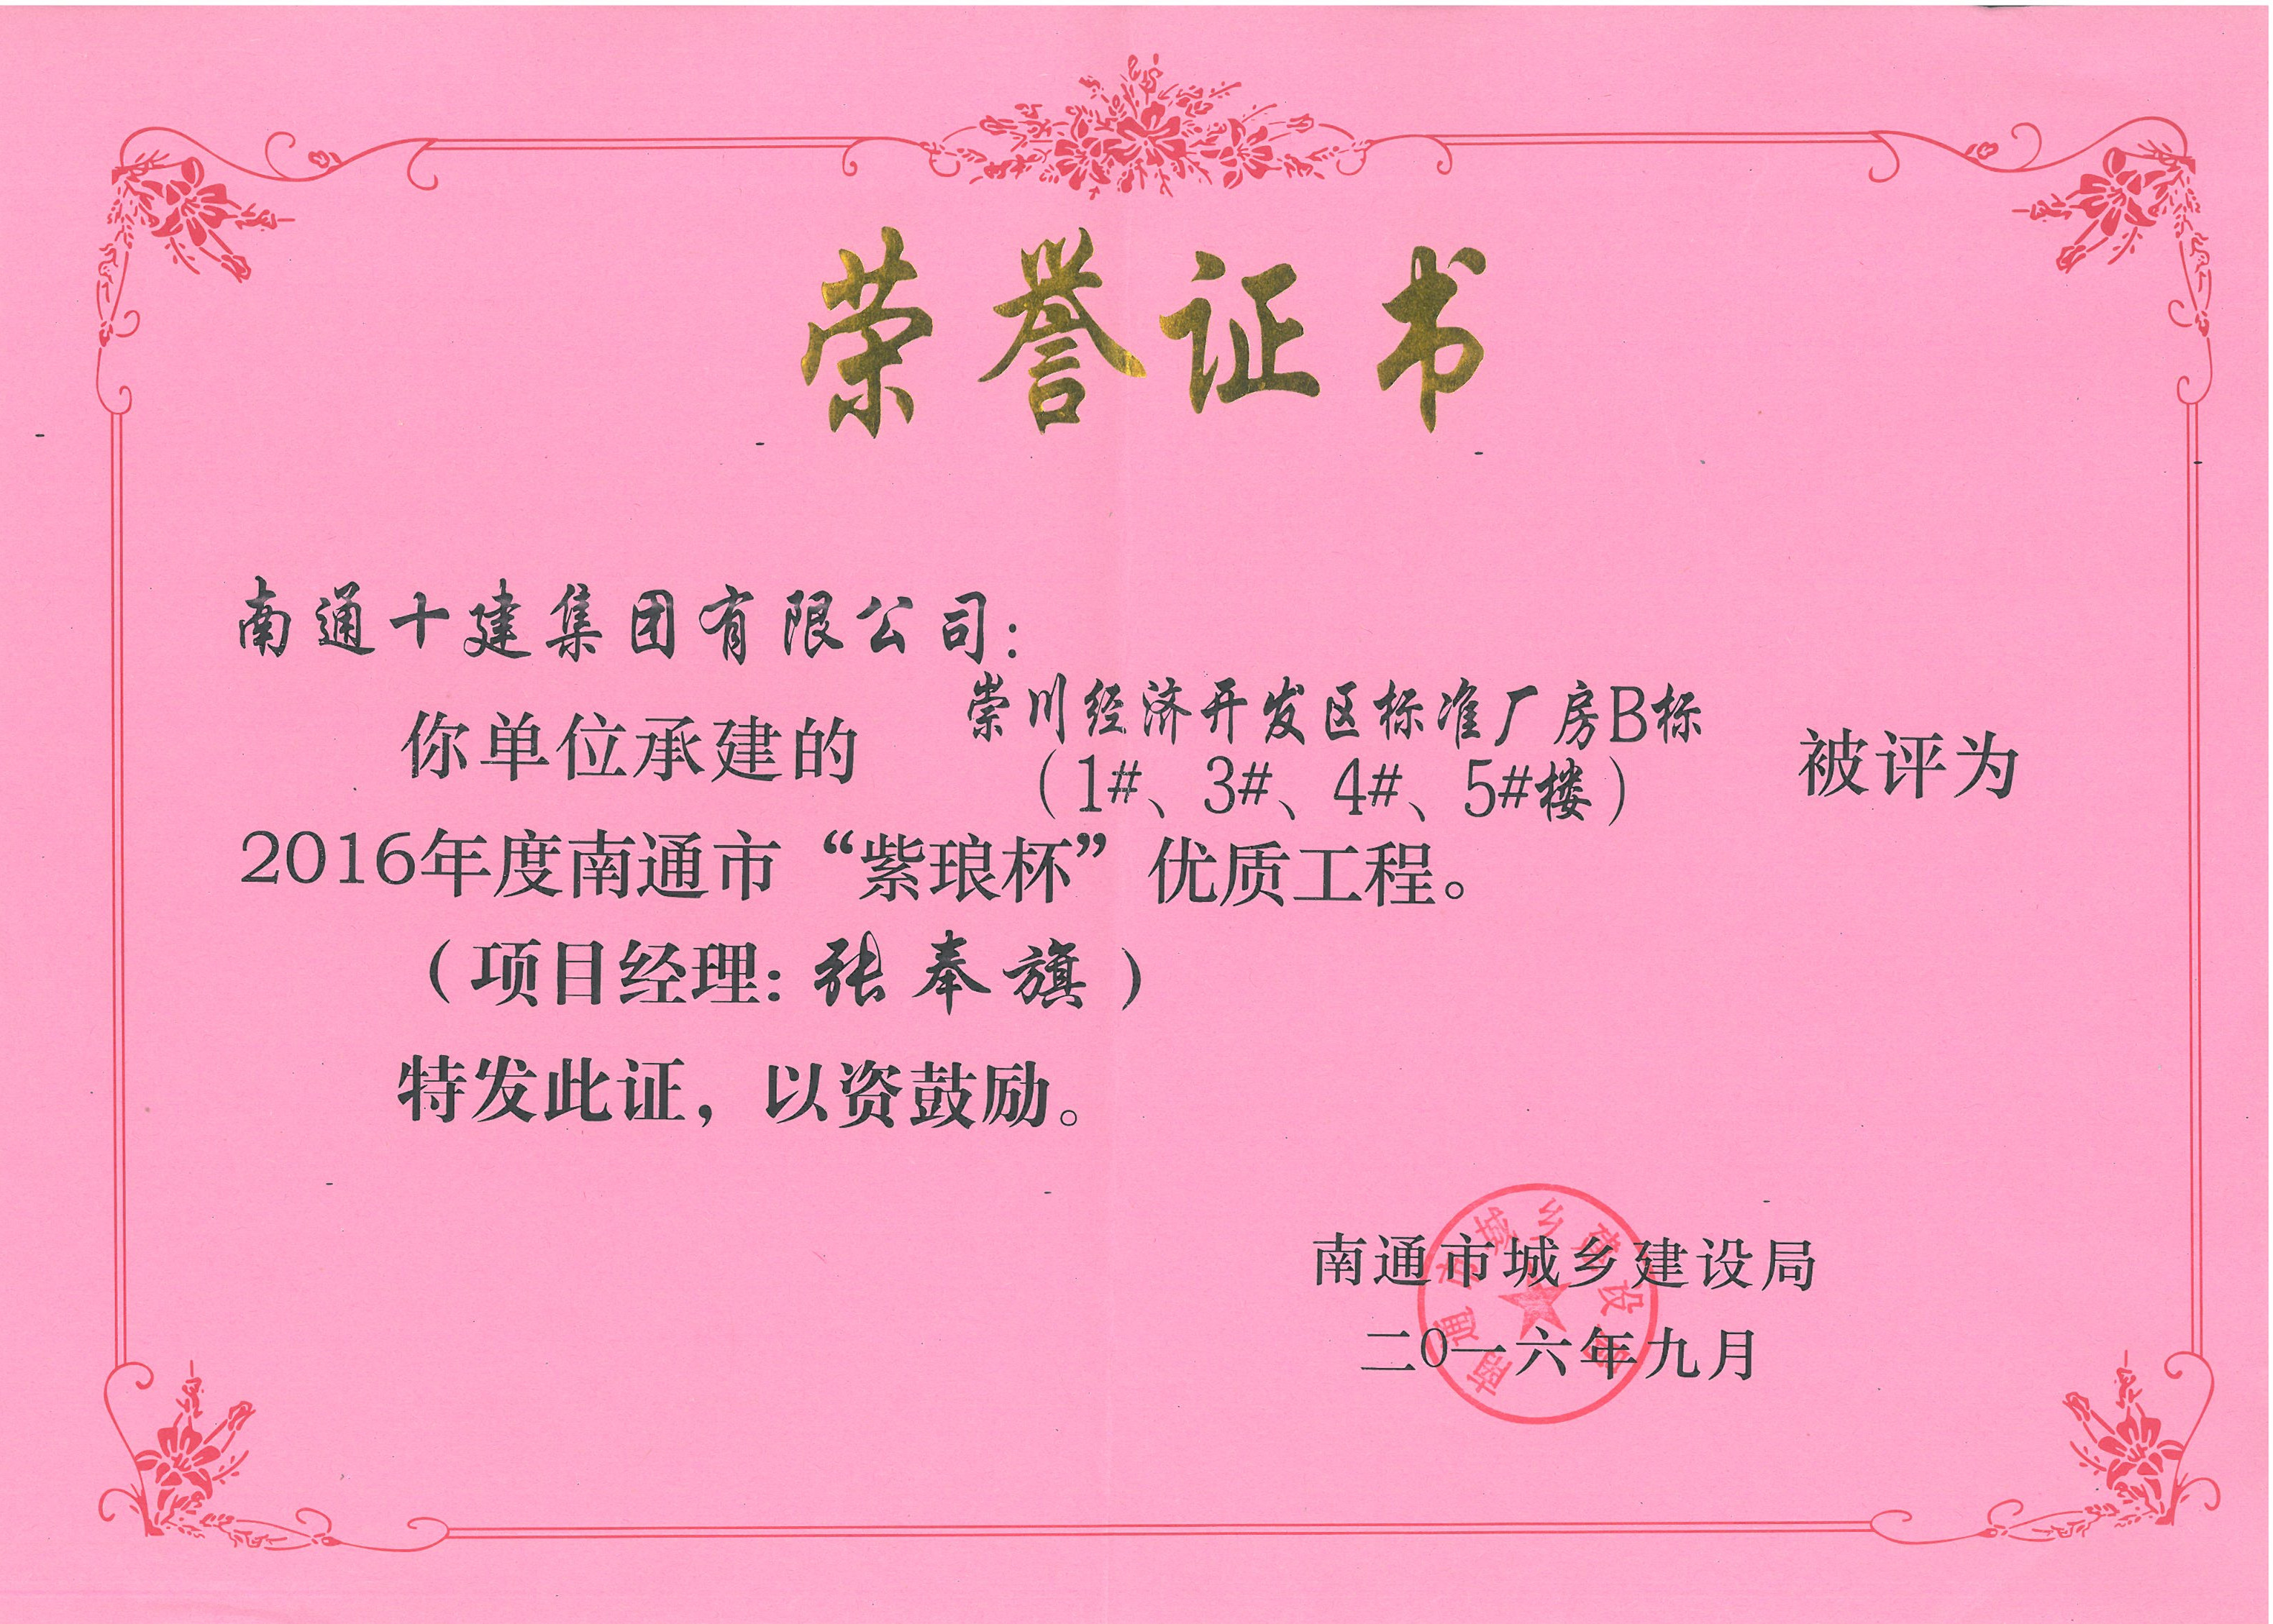 崇川經濟開發區標準廠房B標紫瑯杯證書